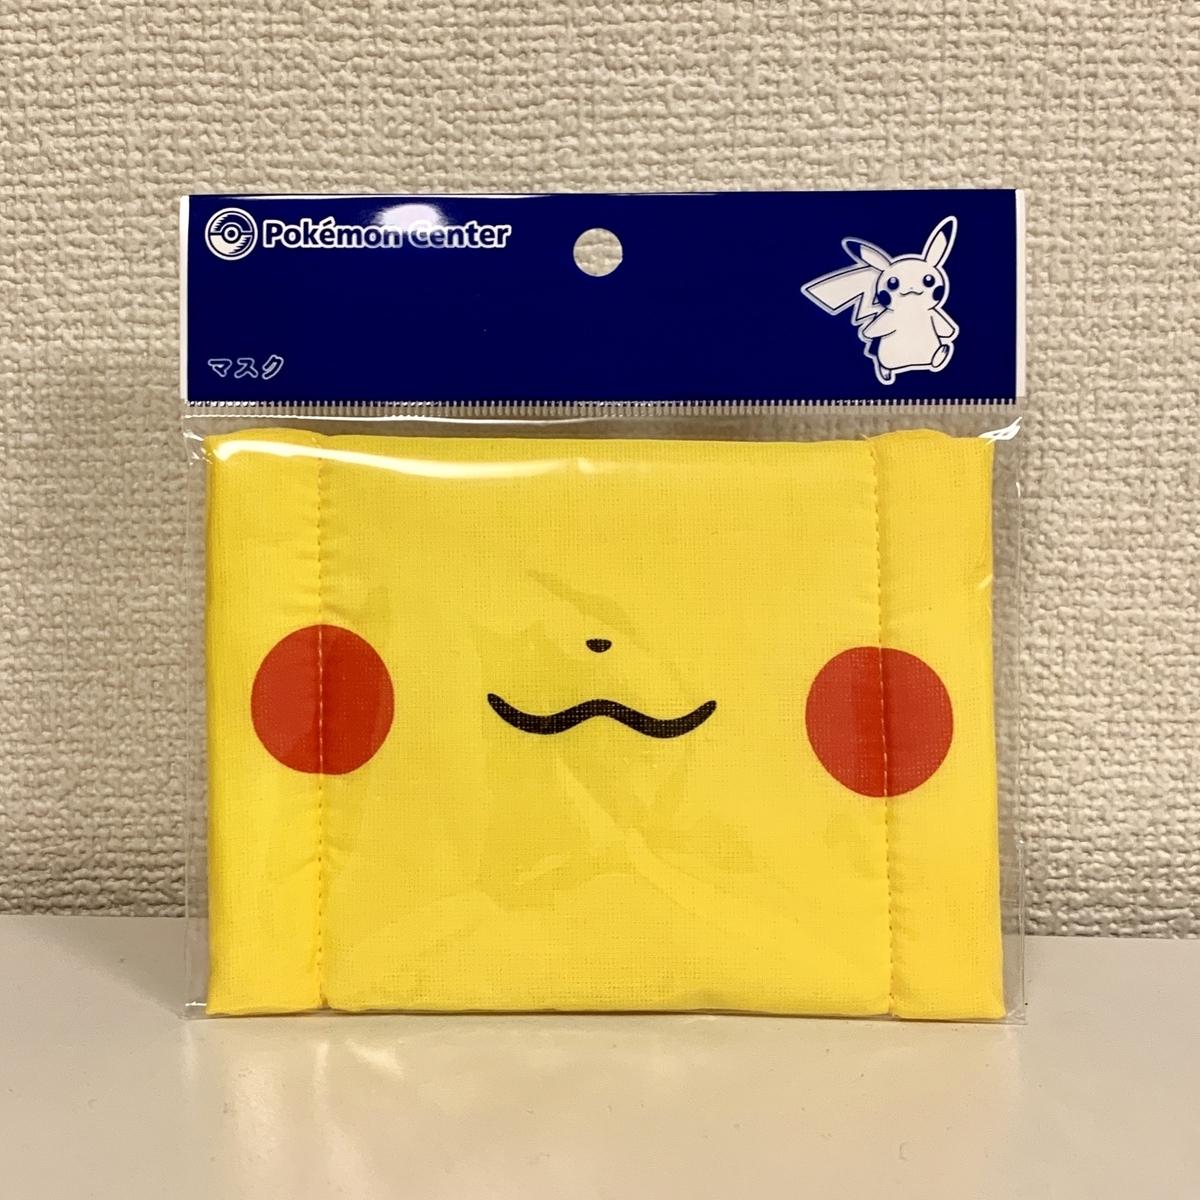 f:id:pikachu_pcn:20191212220304j:plain